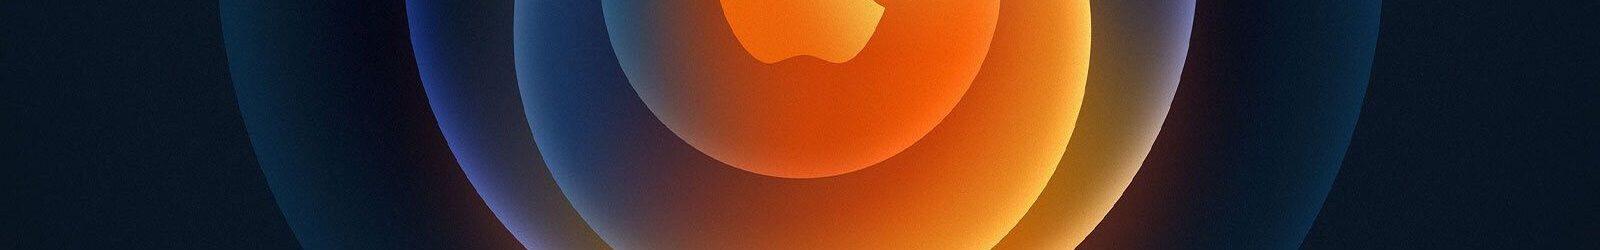 iPhone 12: ecco le caratteristiche, le colorazioni ed i prezzi di vendita